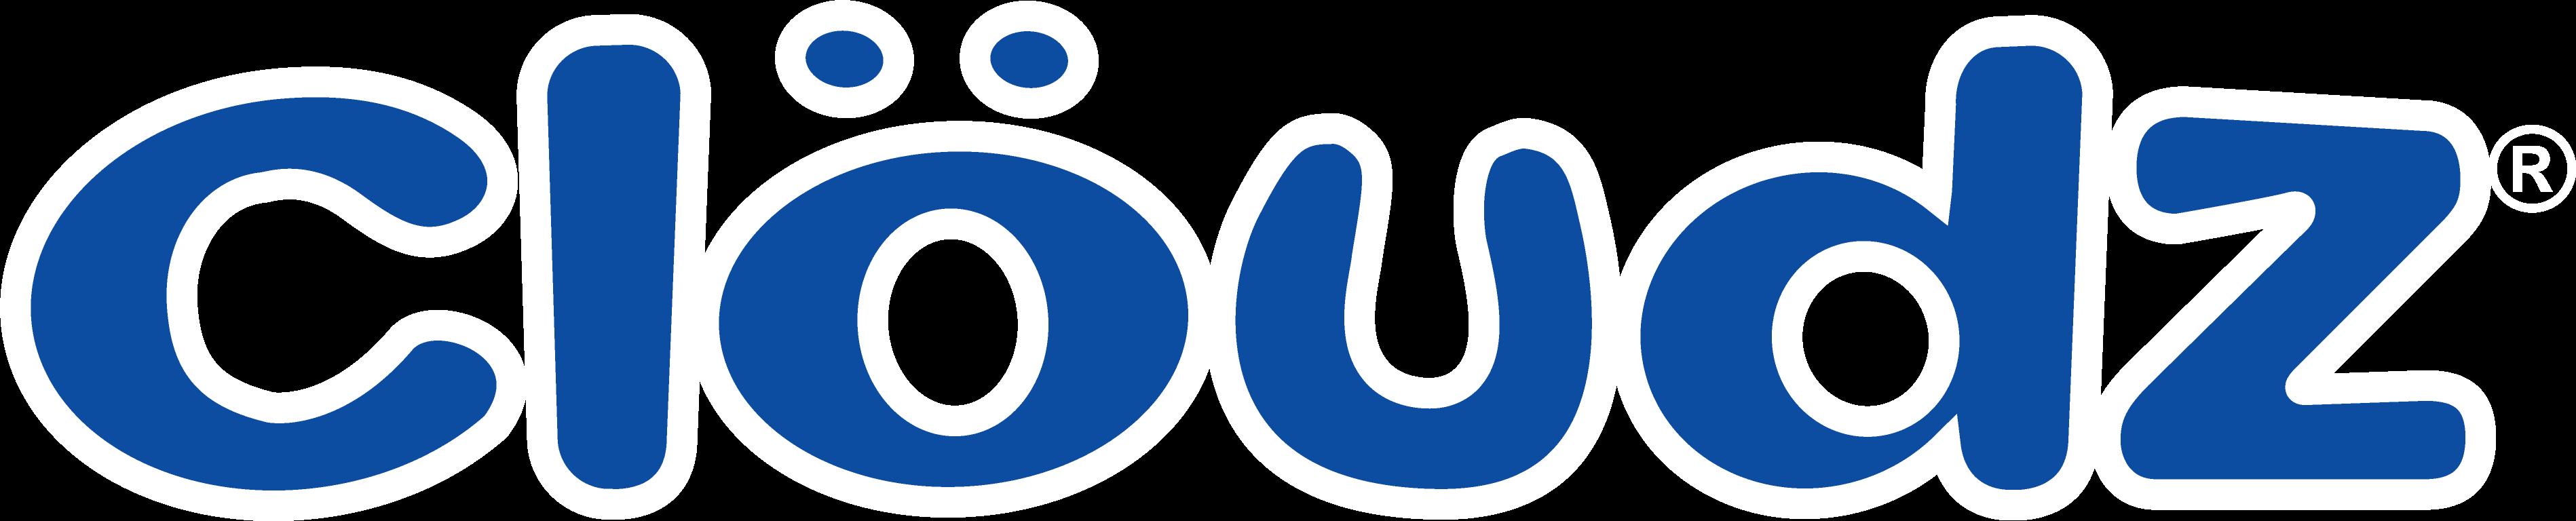 Cloudz-Color-Logo---Vector